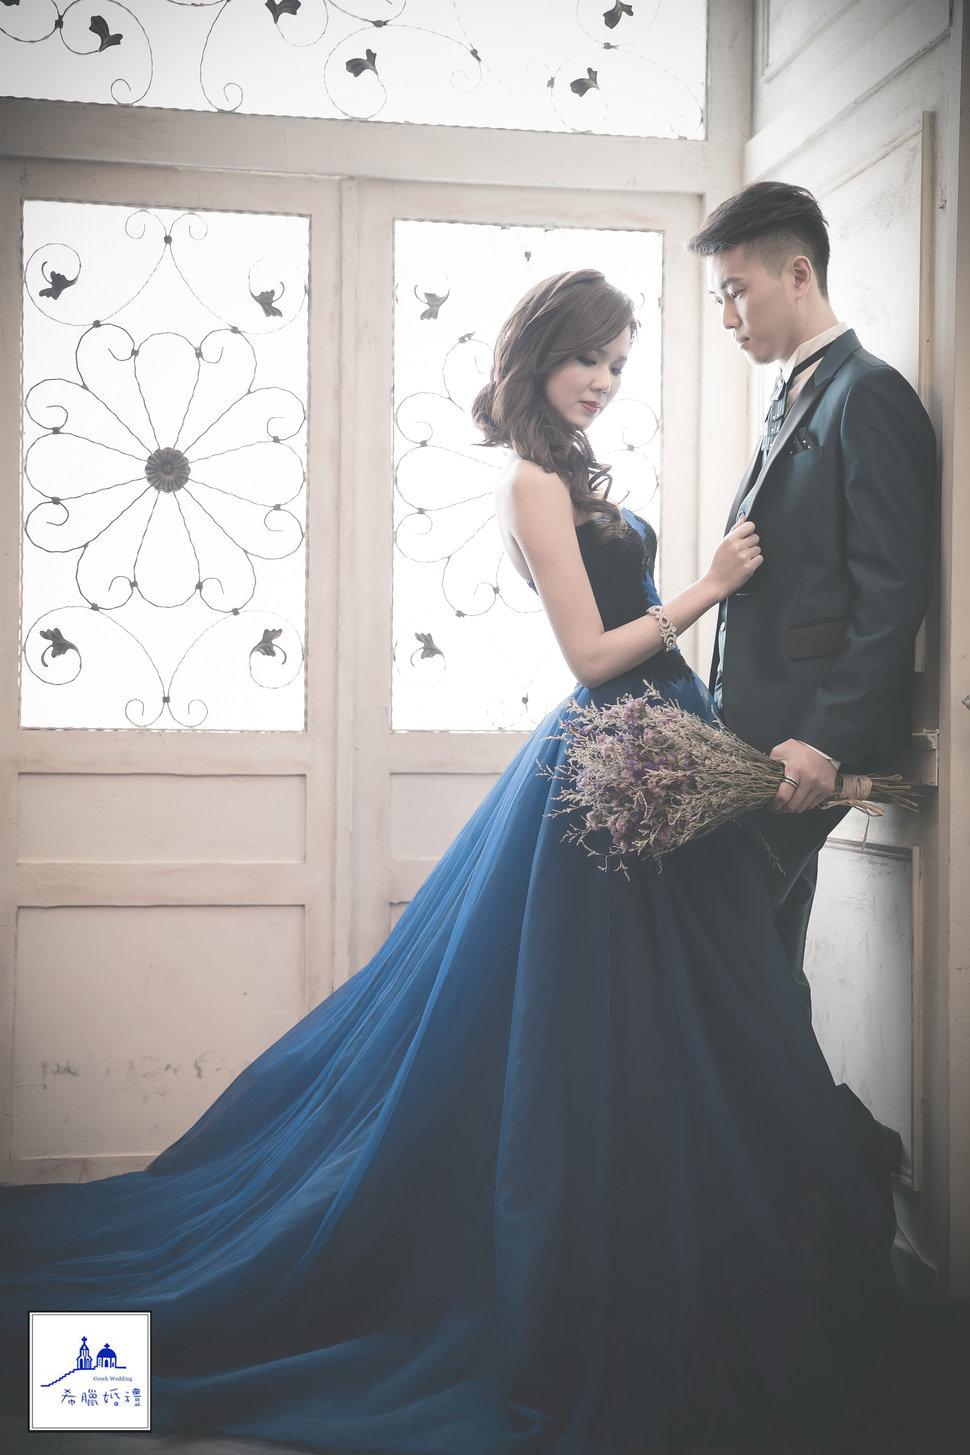 希臘婚禮新人分享~亮&菁(編號:428109) - 希臘婚禮  婚紗  攝影 - 結婚吧